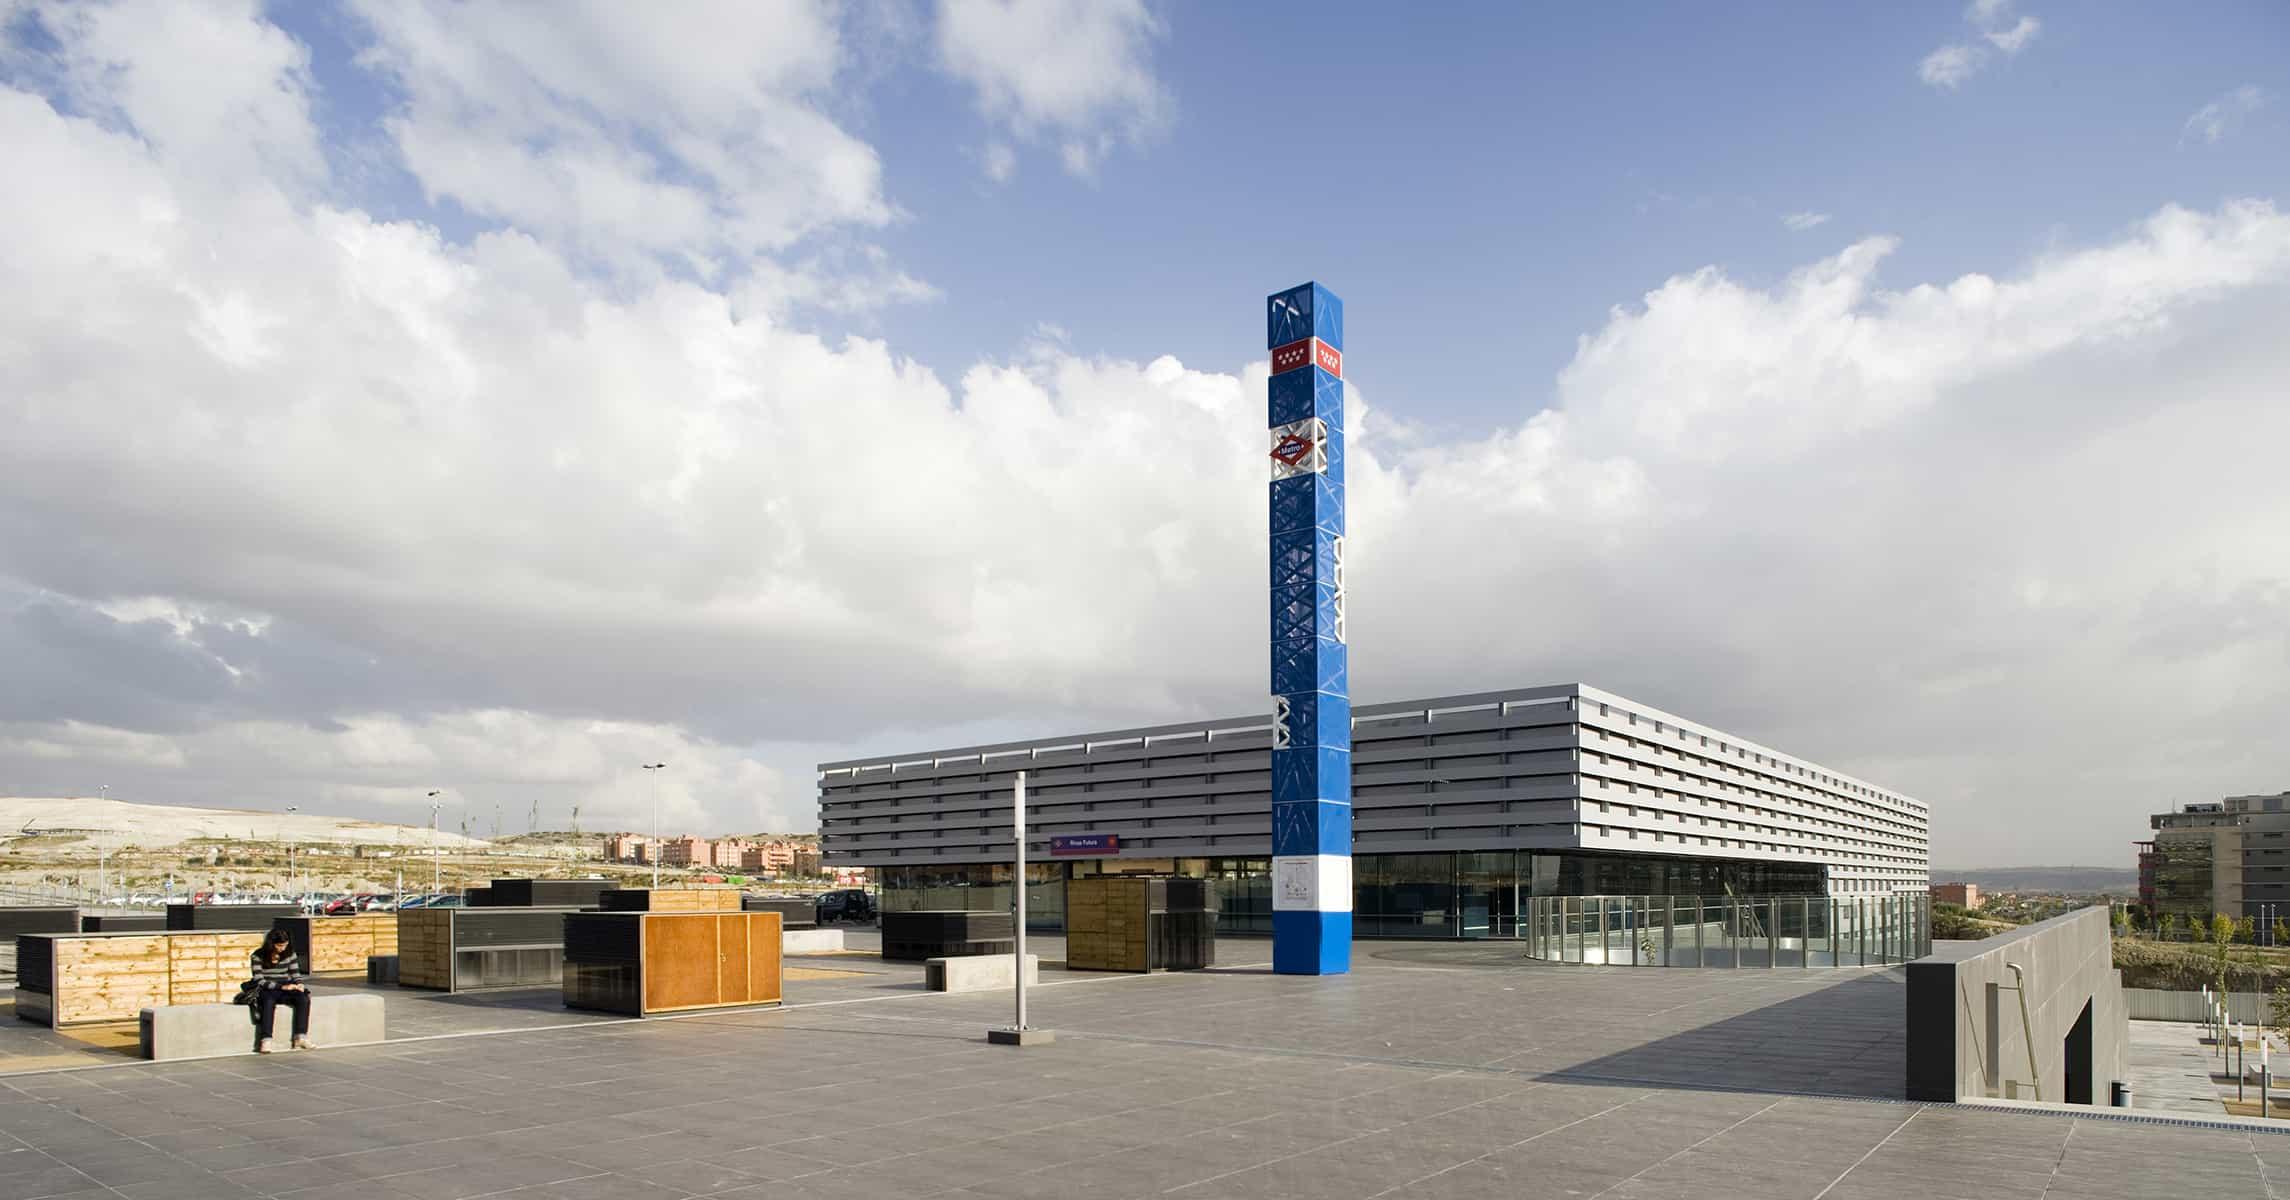 Estación METRO de Madrid - plaza superior - arquitectura transporte - Estación METRO de MADRID_LGV+LANDINEZ+REY | equipo L2G arquitectos, slp [ eL2Gaa ]